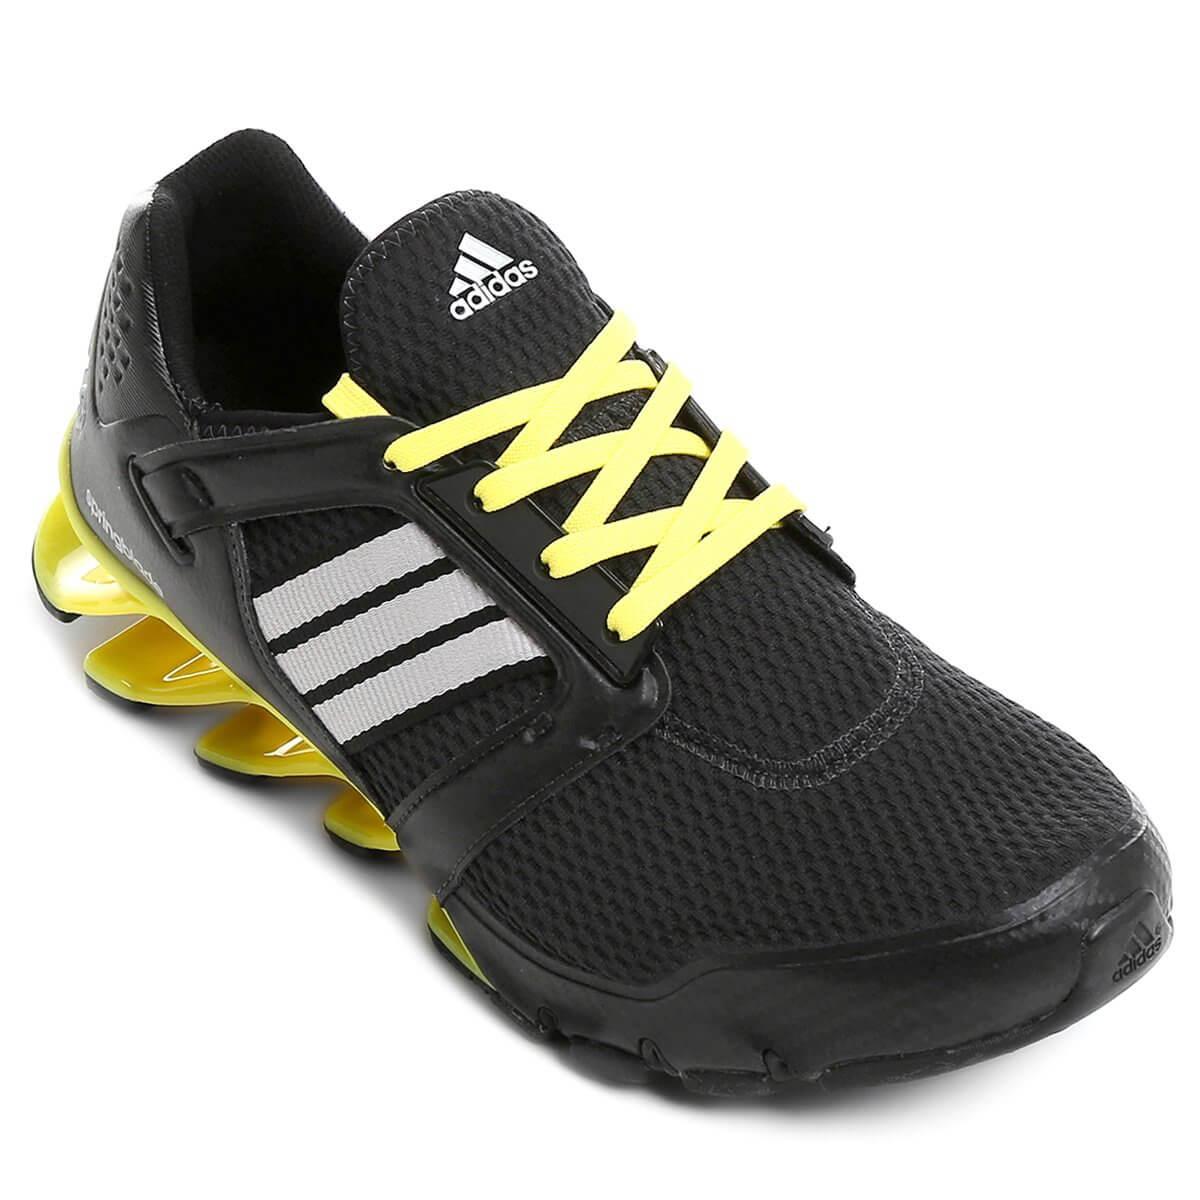 5be6f0faec Tênis Adidas SpringBlade E-Force Masculino